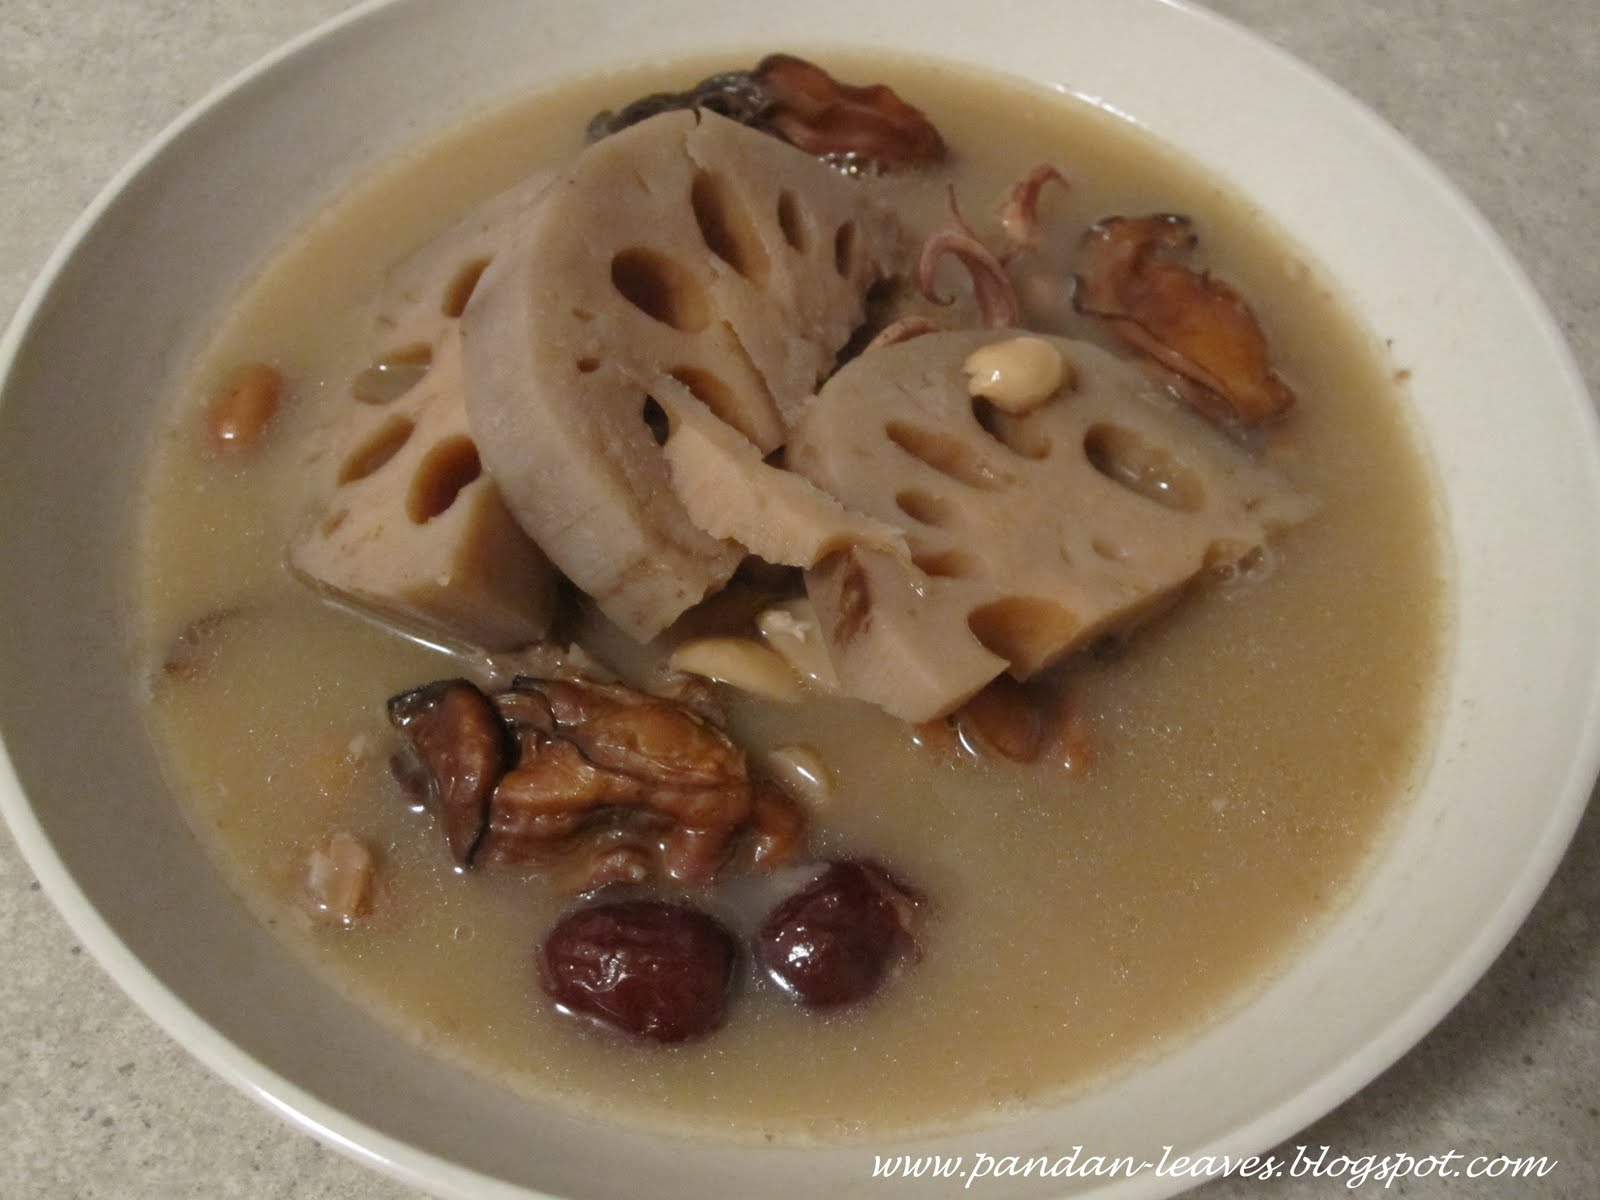 Pandan Leaves: Lotus Root Soup